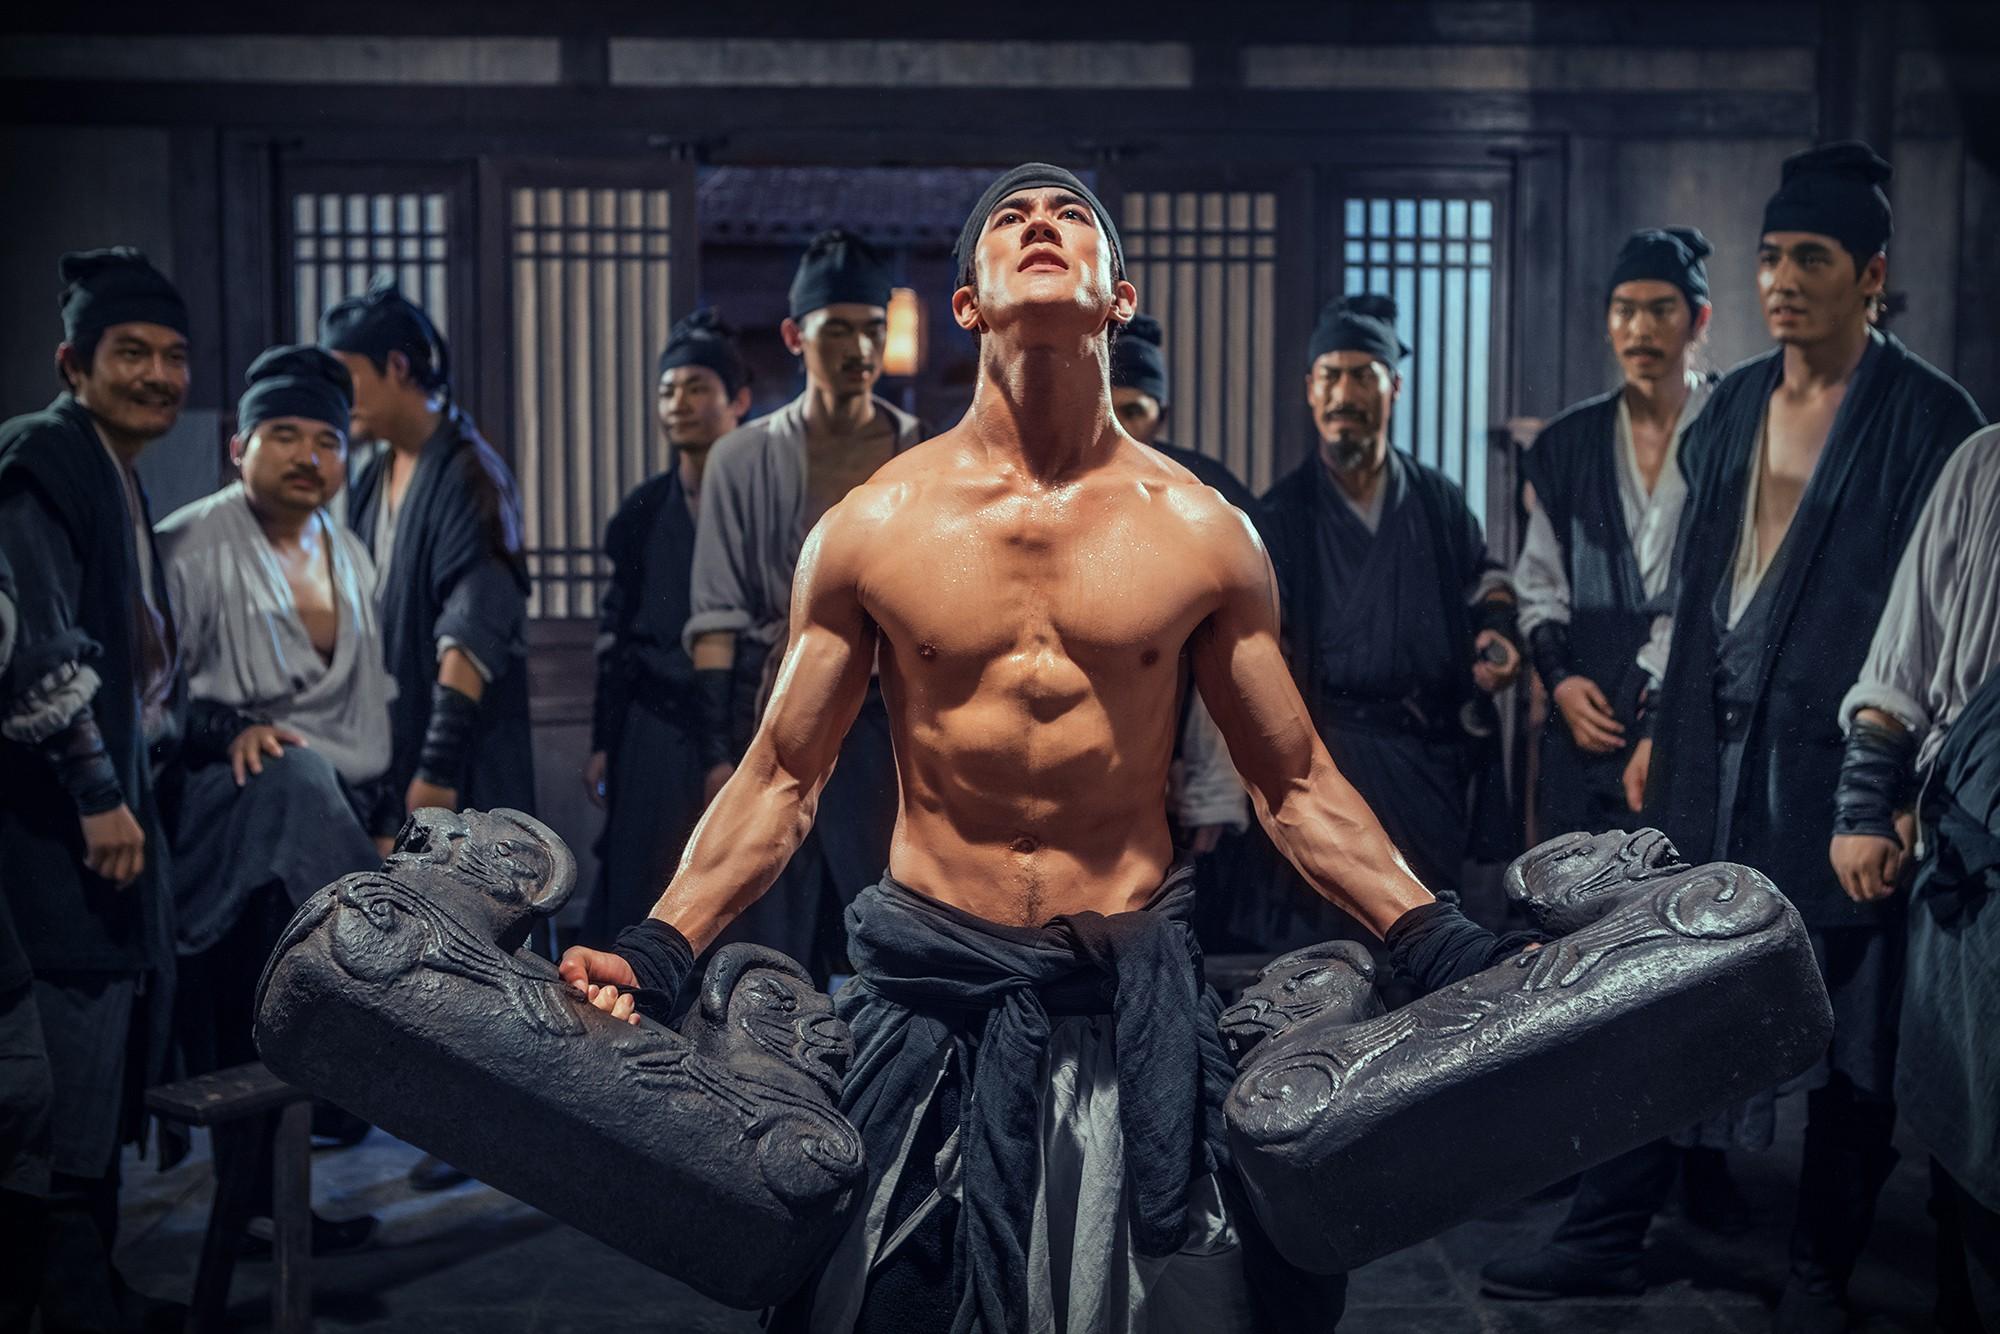 Ngũ Hiệp Trừ Yêu: Đã hiểu vì sao phim bị chê làm mất mặt Trung Quốc - Ảnh 4.